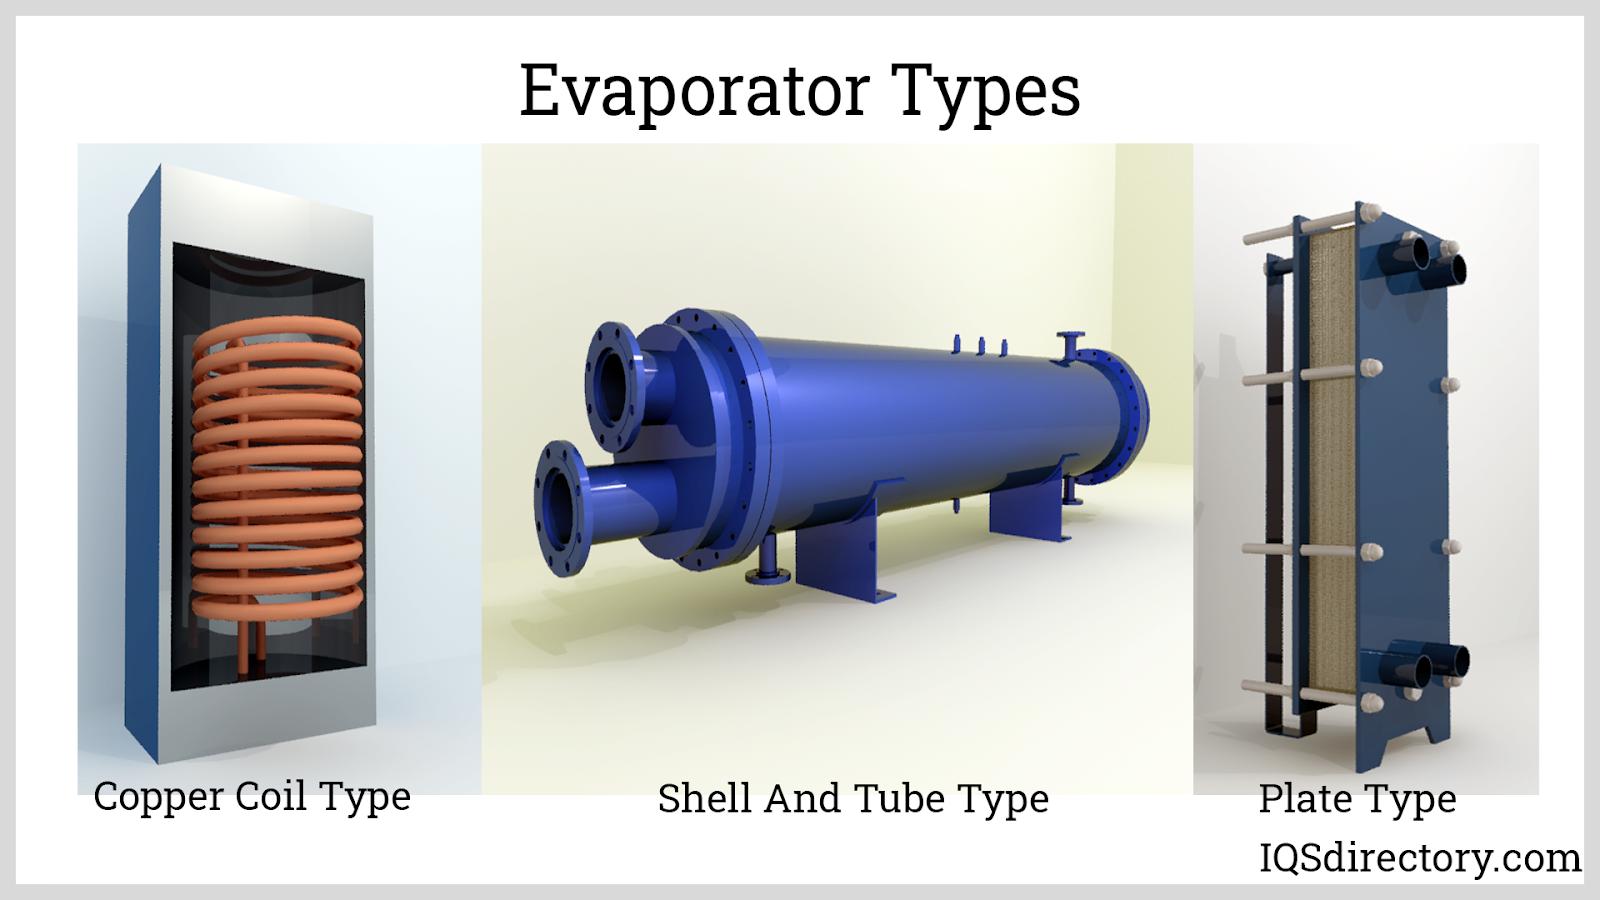 Evaporator Types